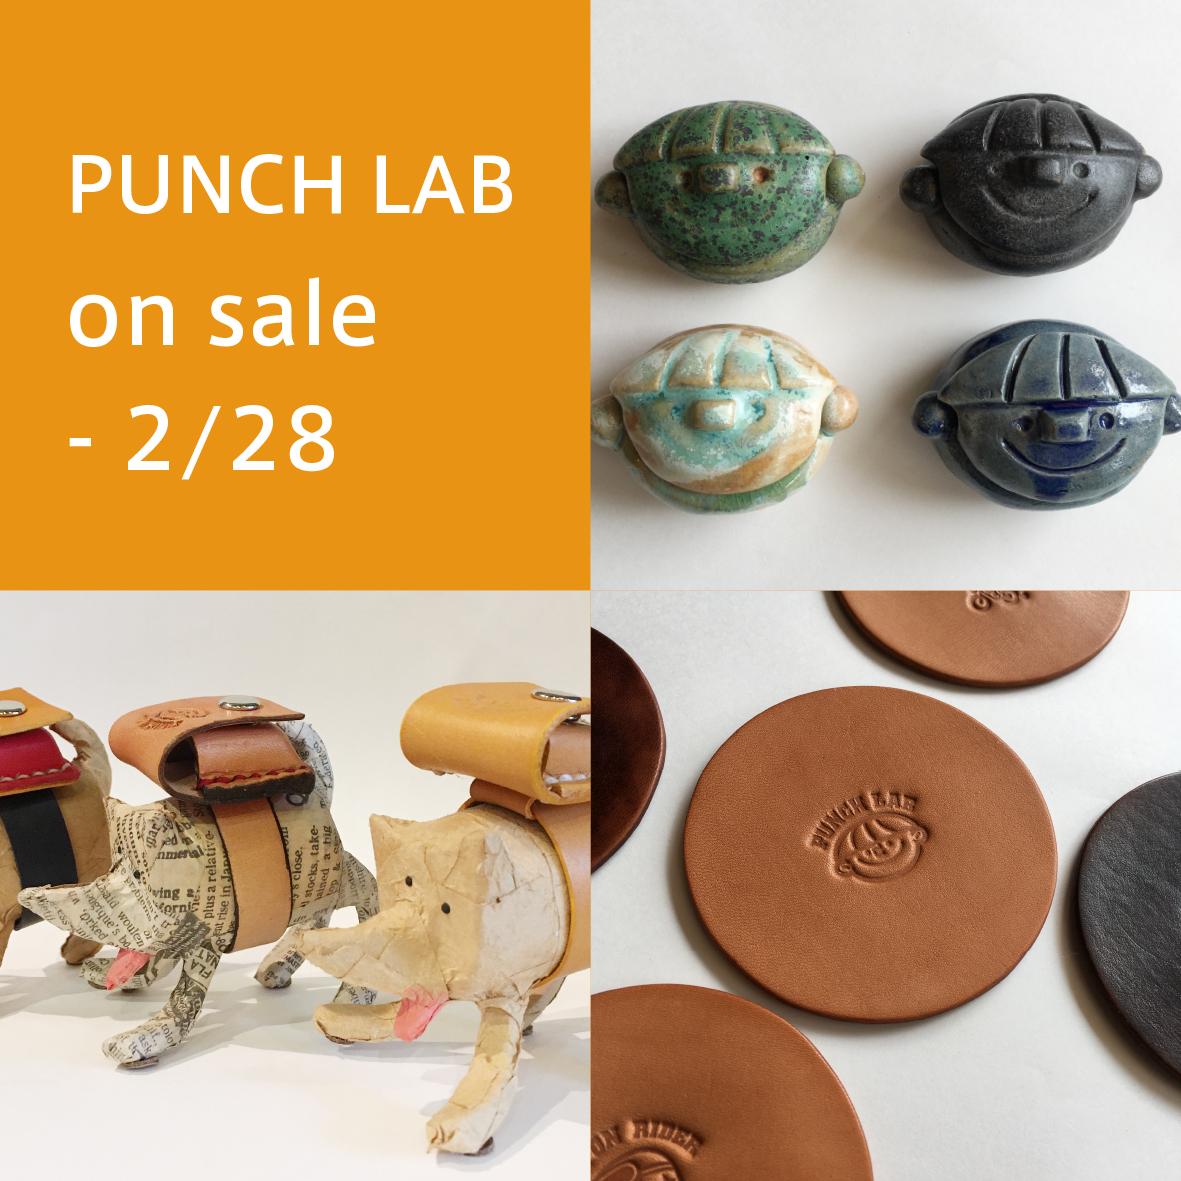 punch lab